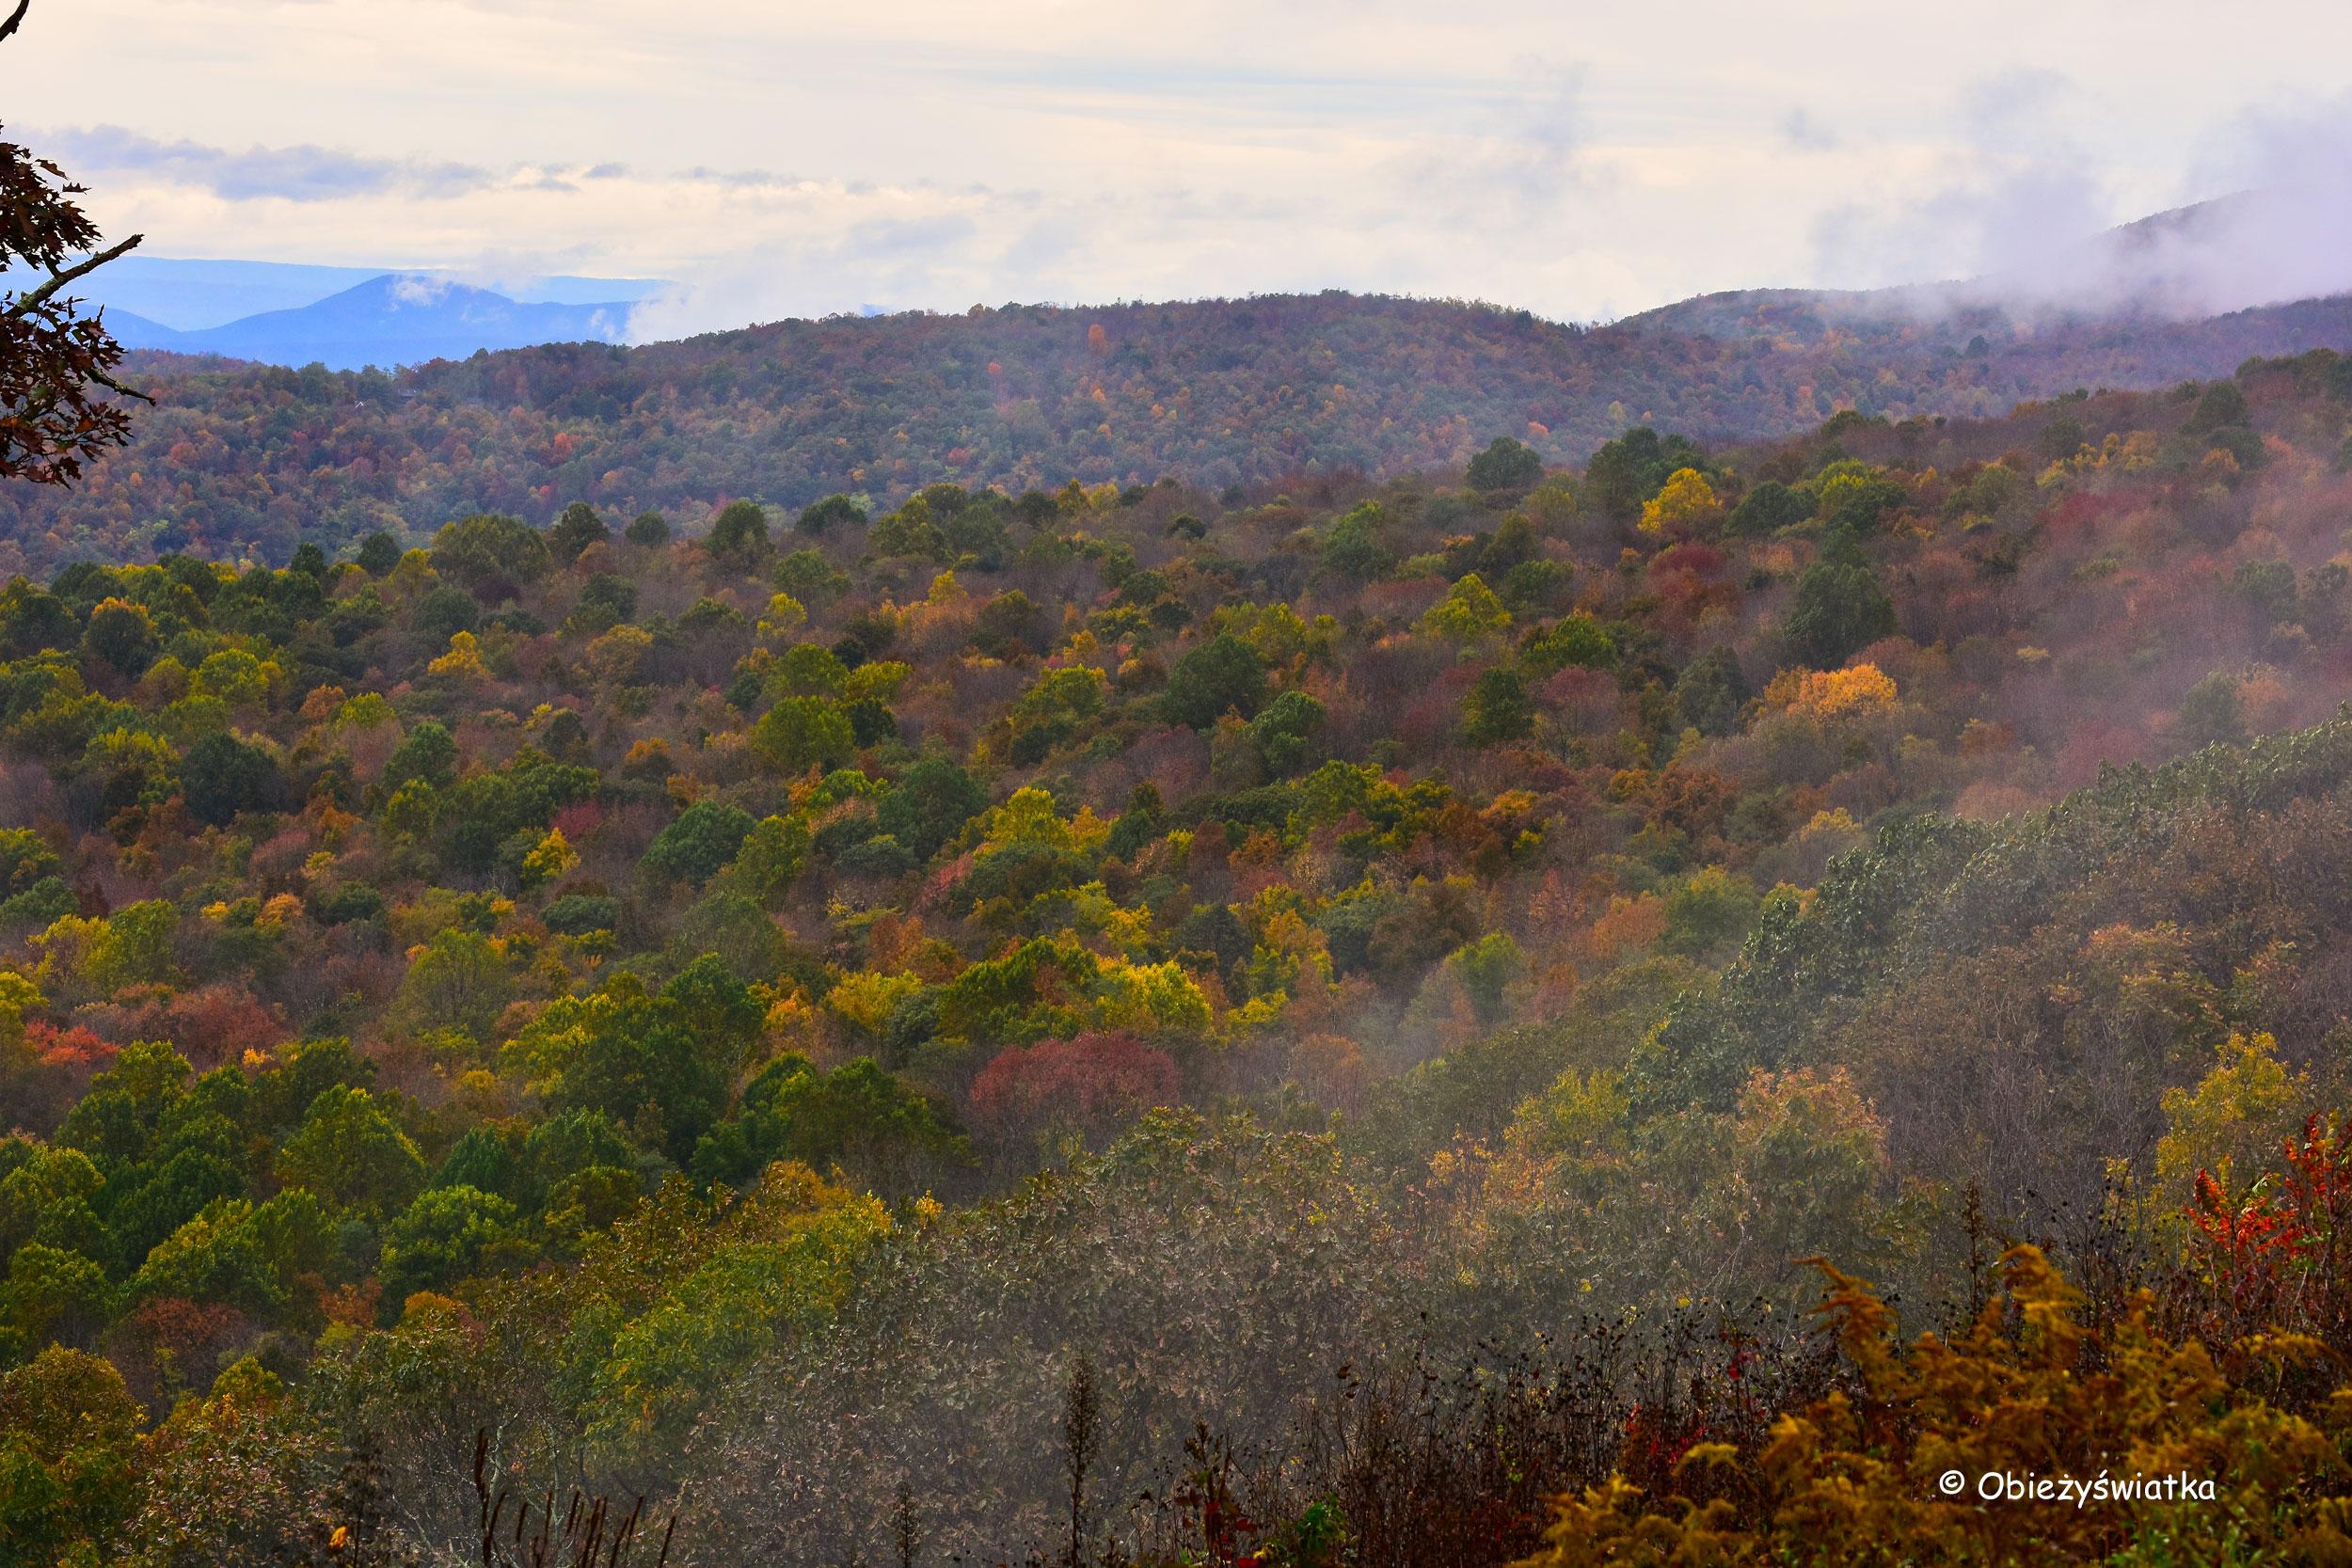 Barwy jesieni, Park Narodowy Shenandoah, USA